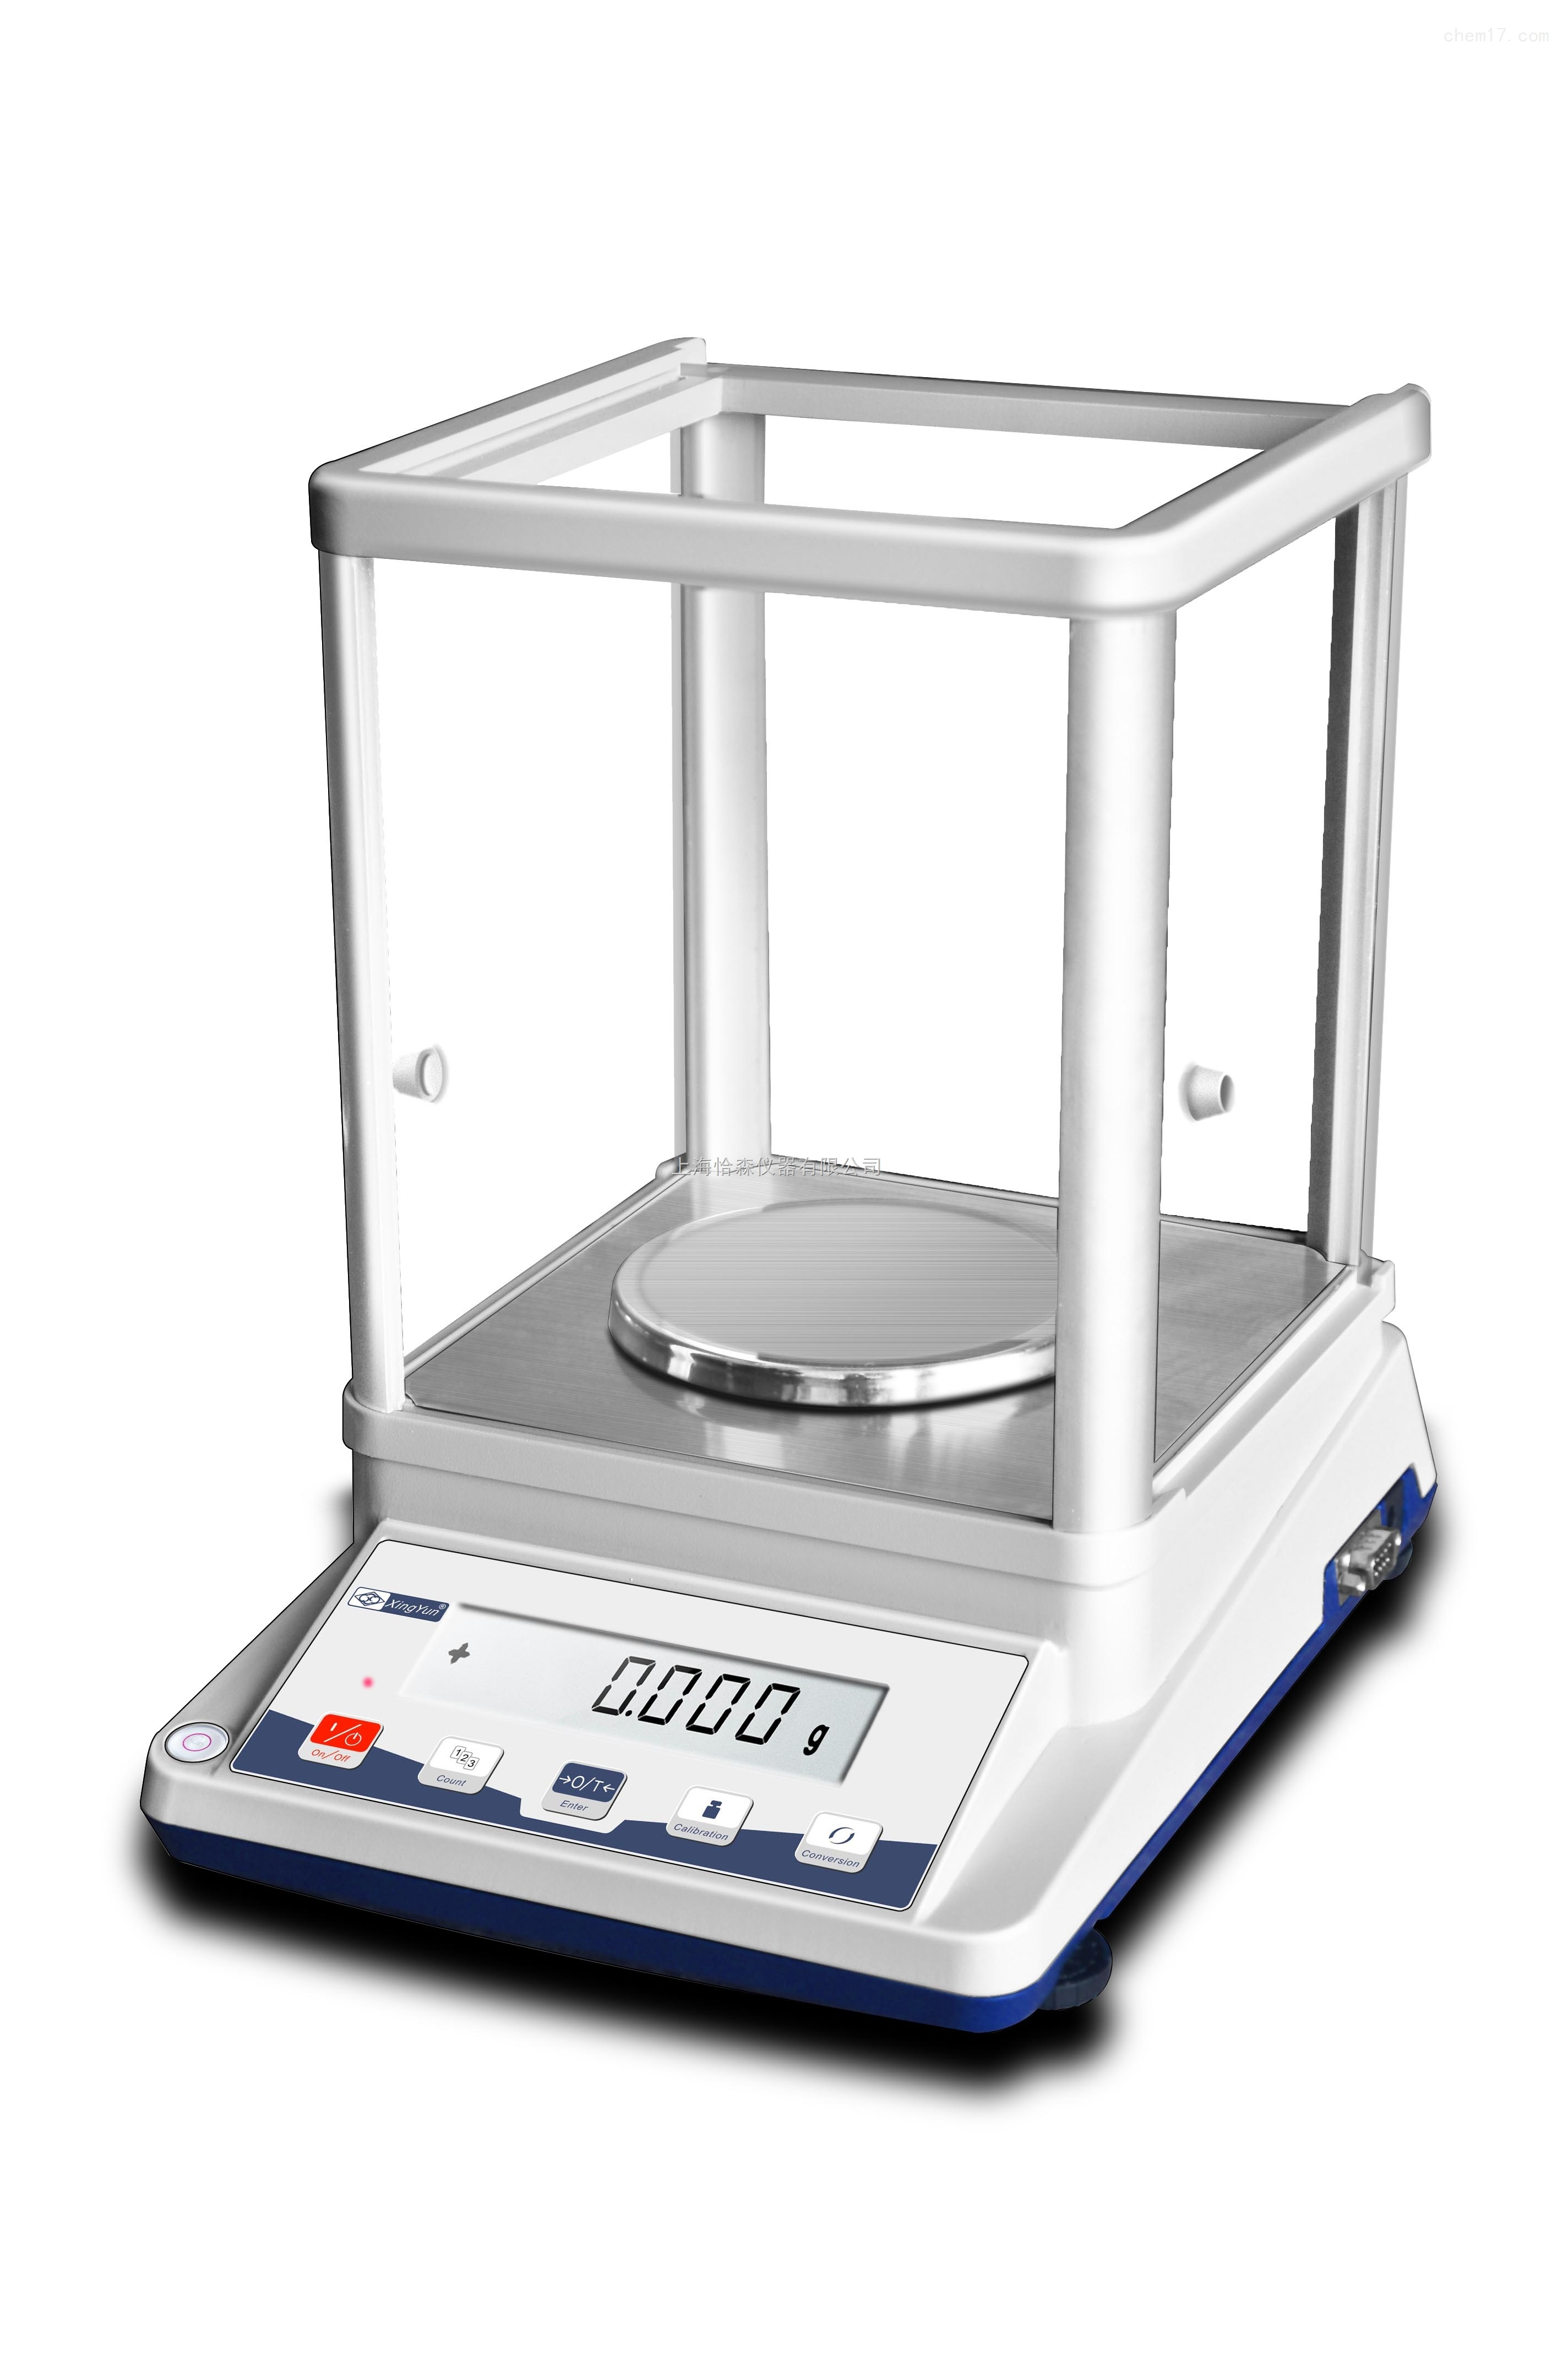 国产幸运JA103P分析电子天平